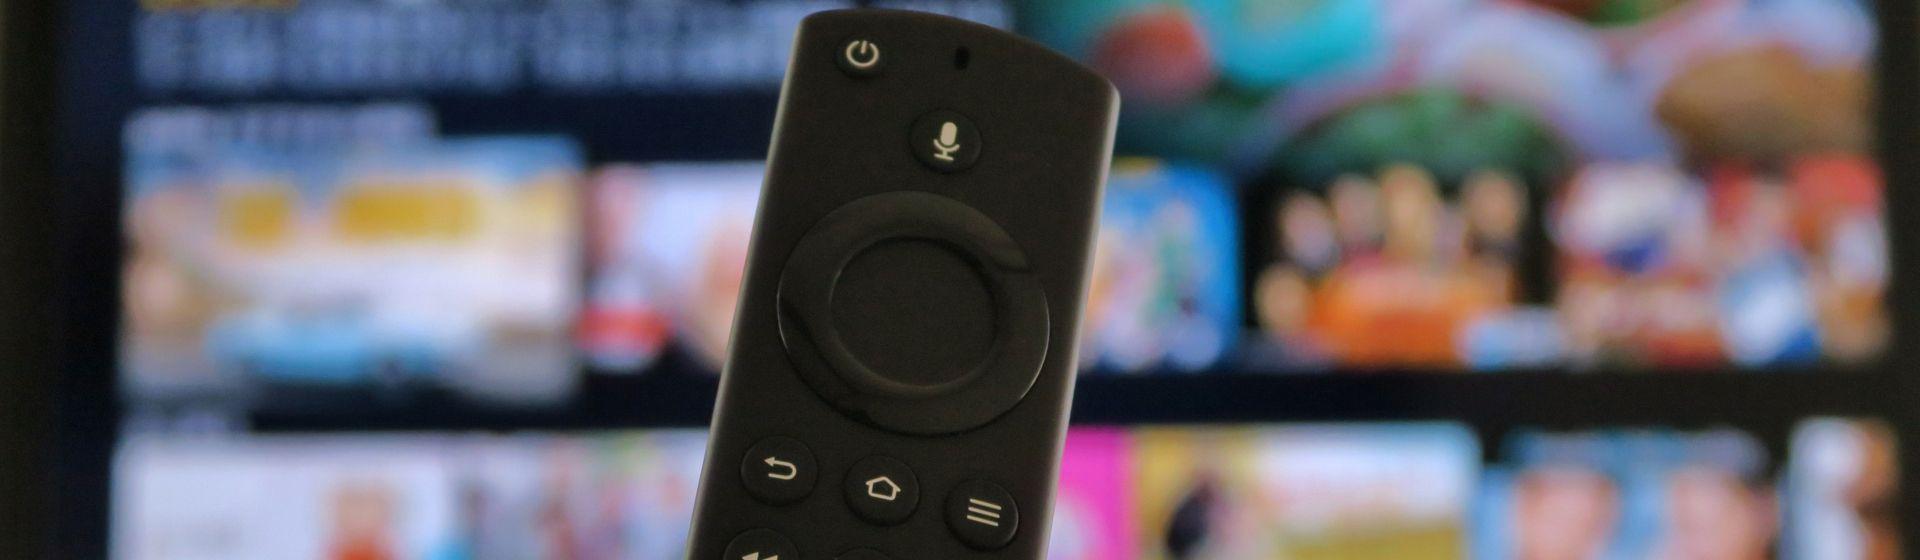 Melhor TV box barata: veja 5 opções até R$300 para comprar